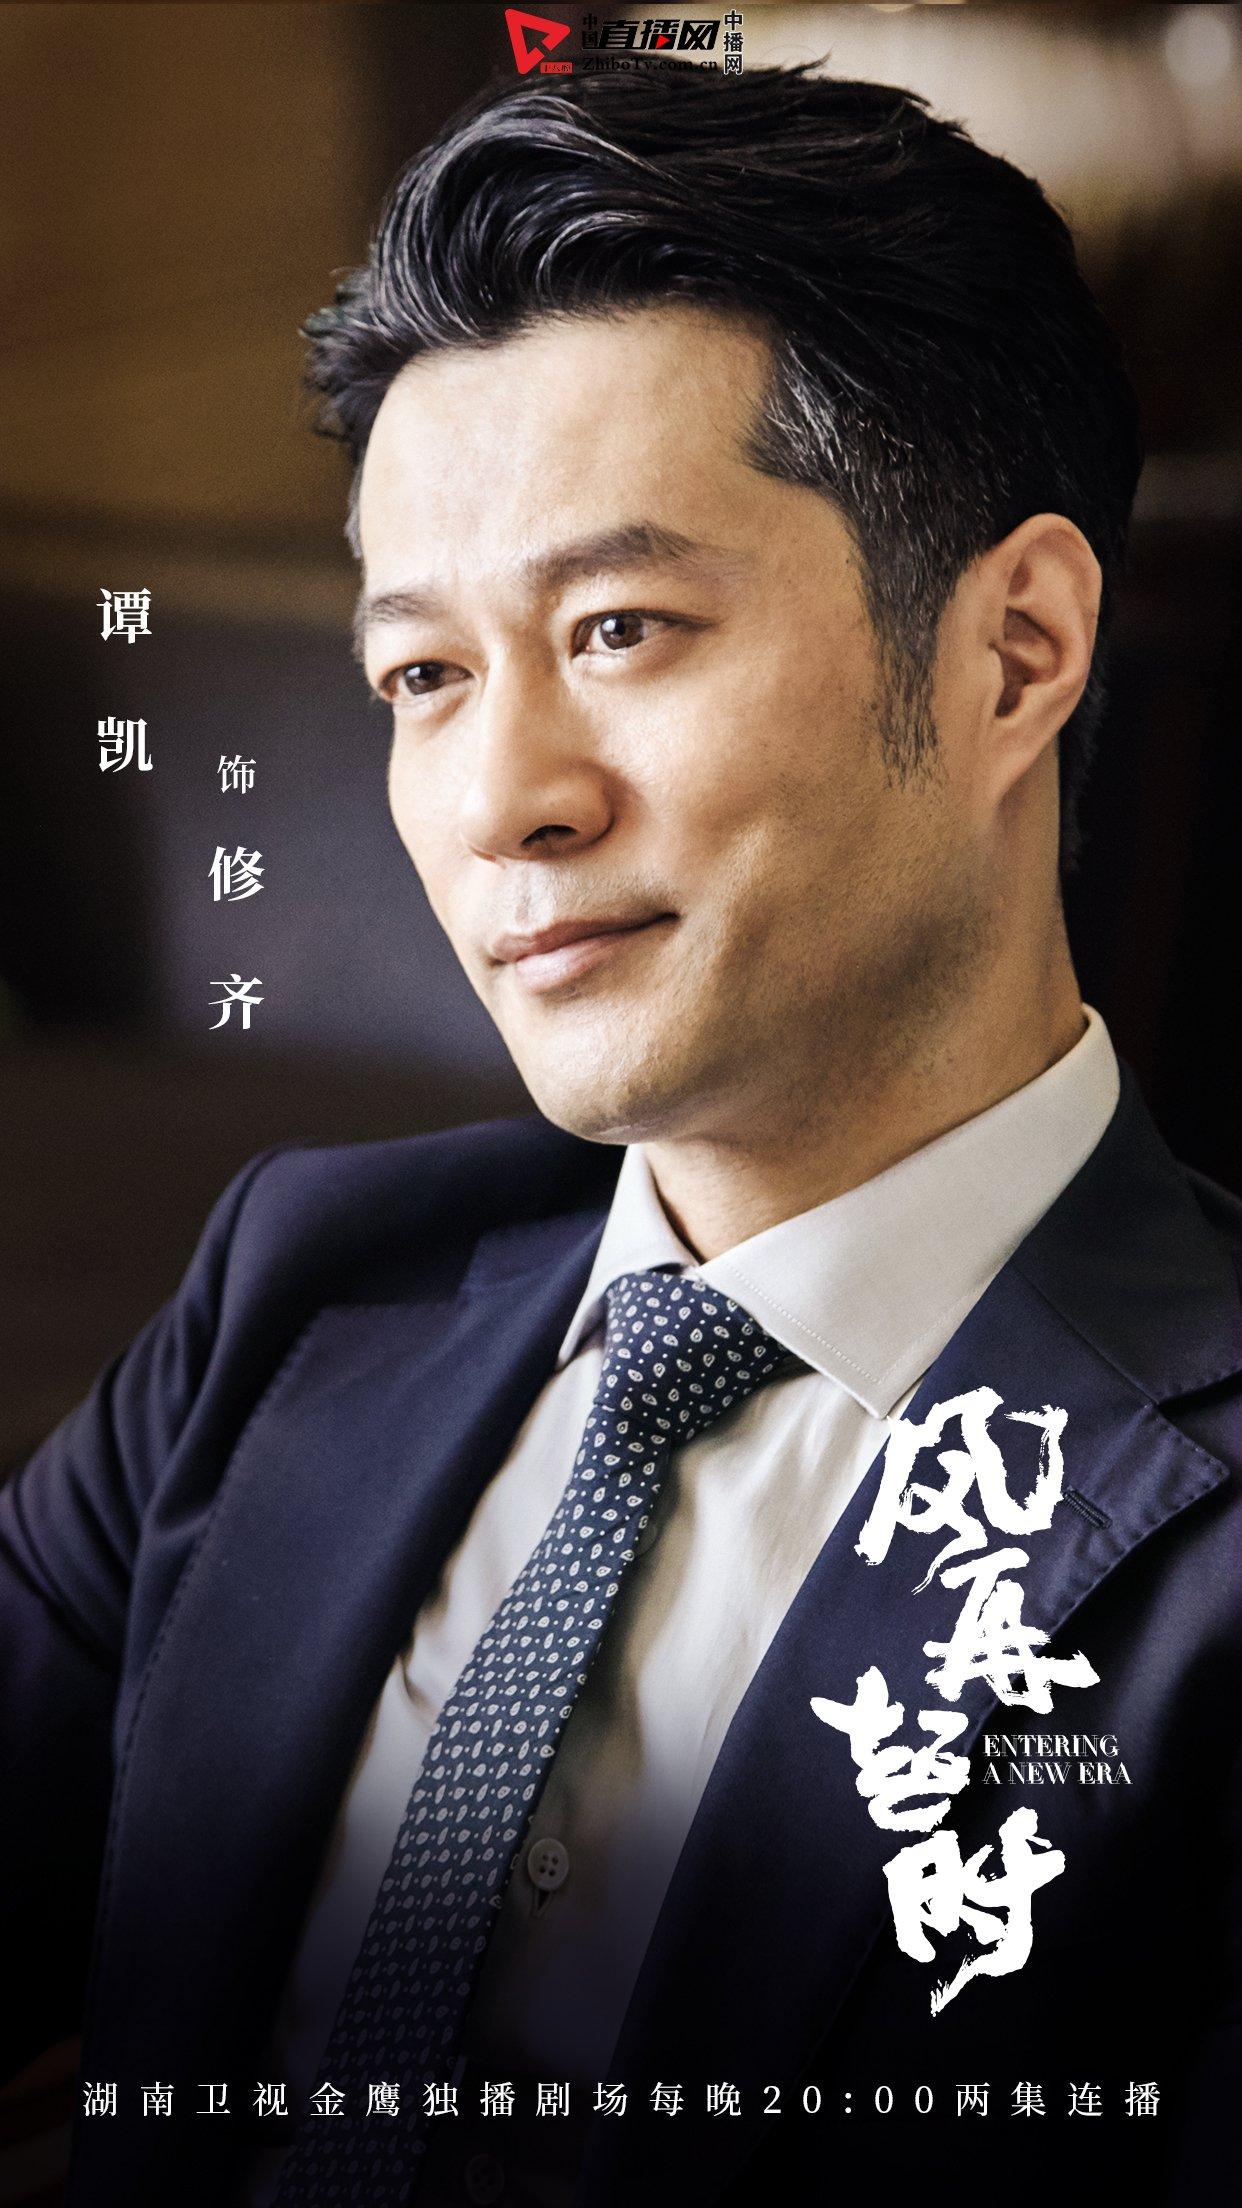 """《风再起时》谭凯再上演""""霸道总裁"""" 出手帮扶永江厂"""